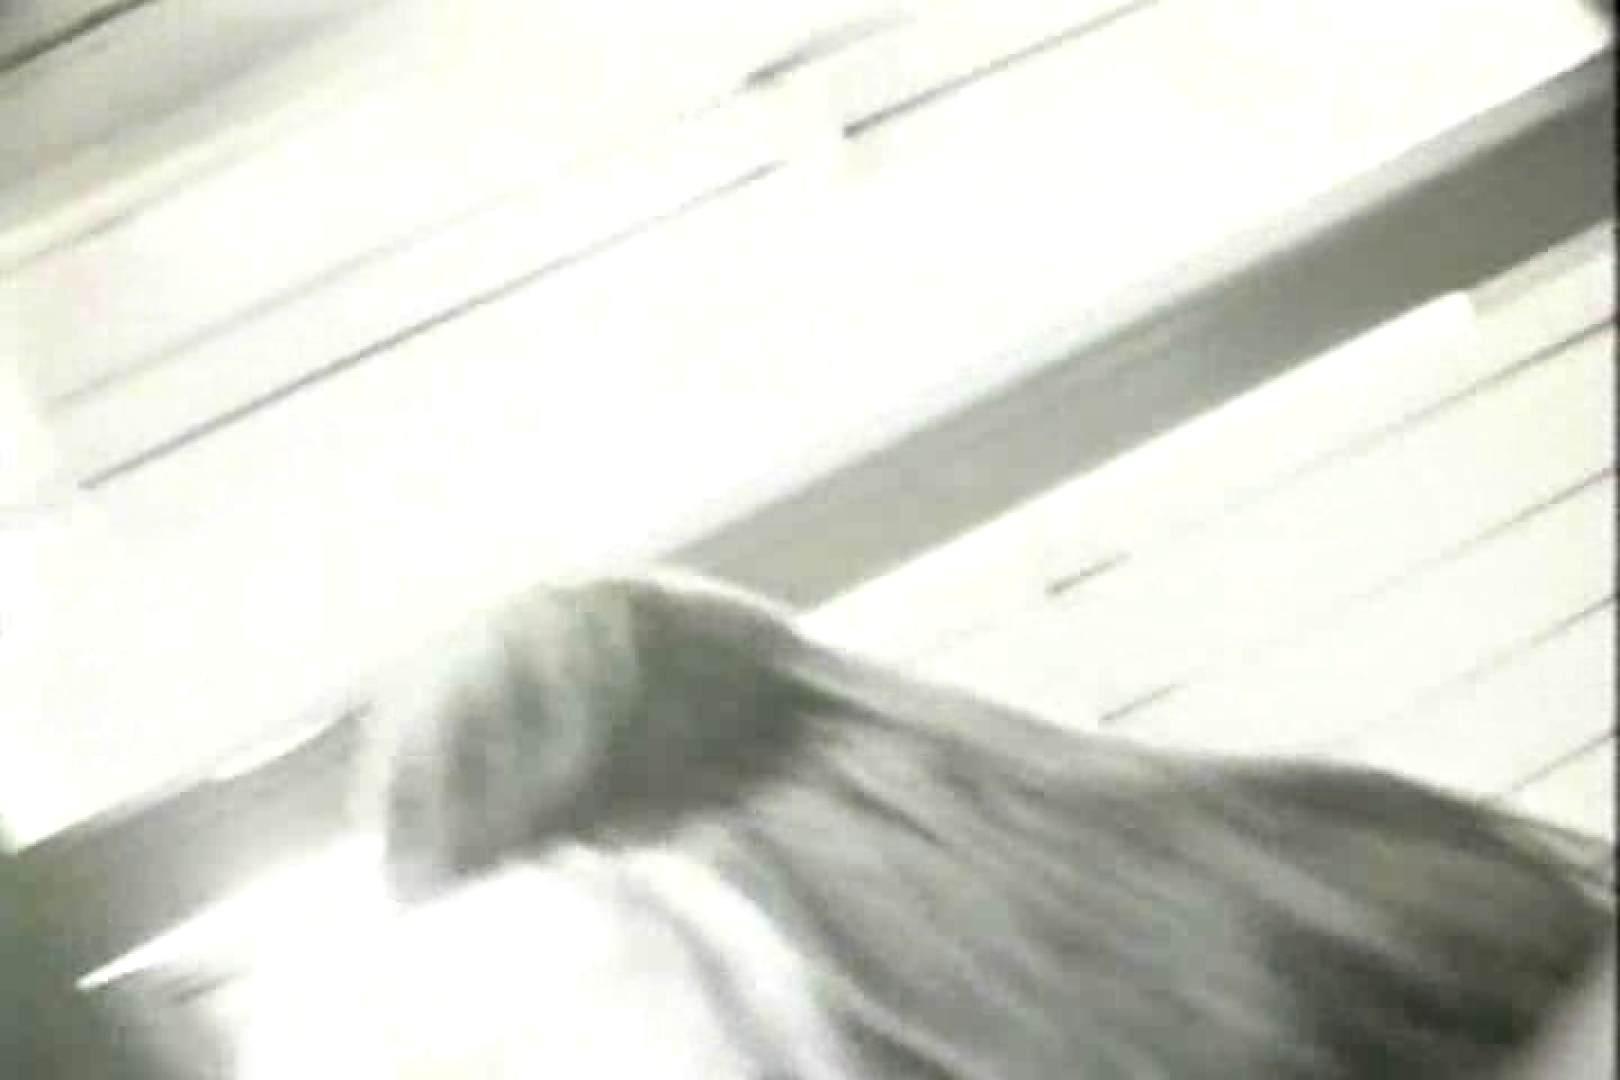 投稿盗撮 女子の下着の考察TK-043 ギャル おまんこ動画流出 65PIX 58